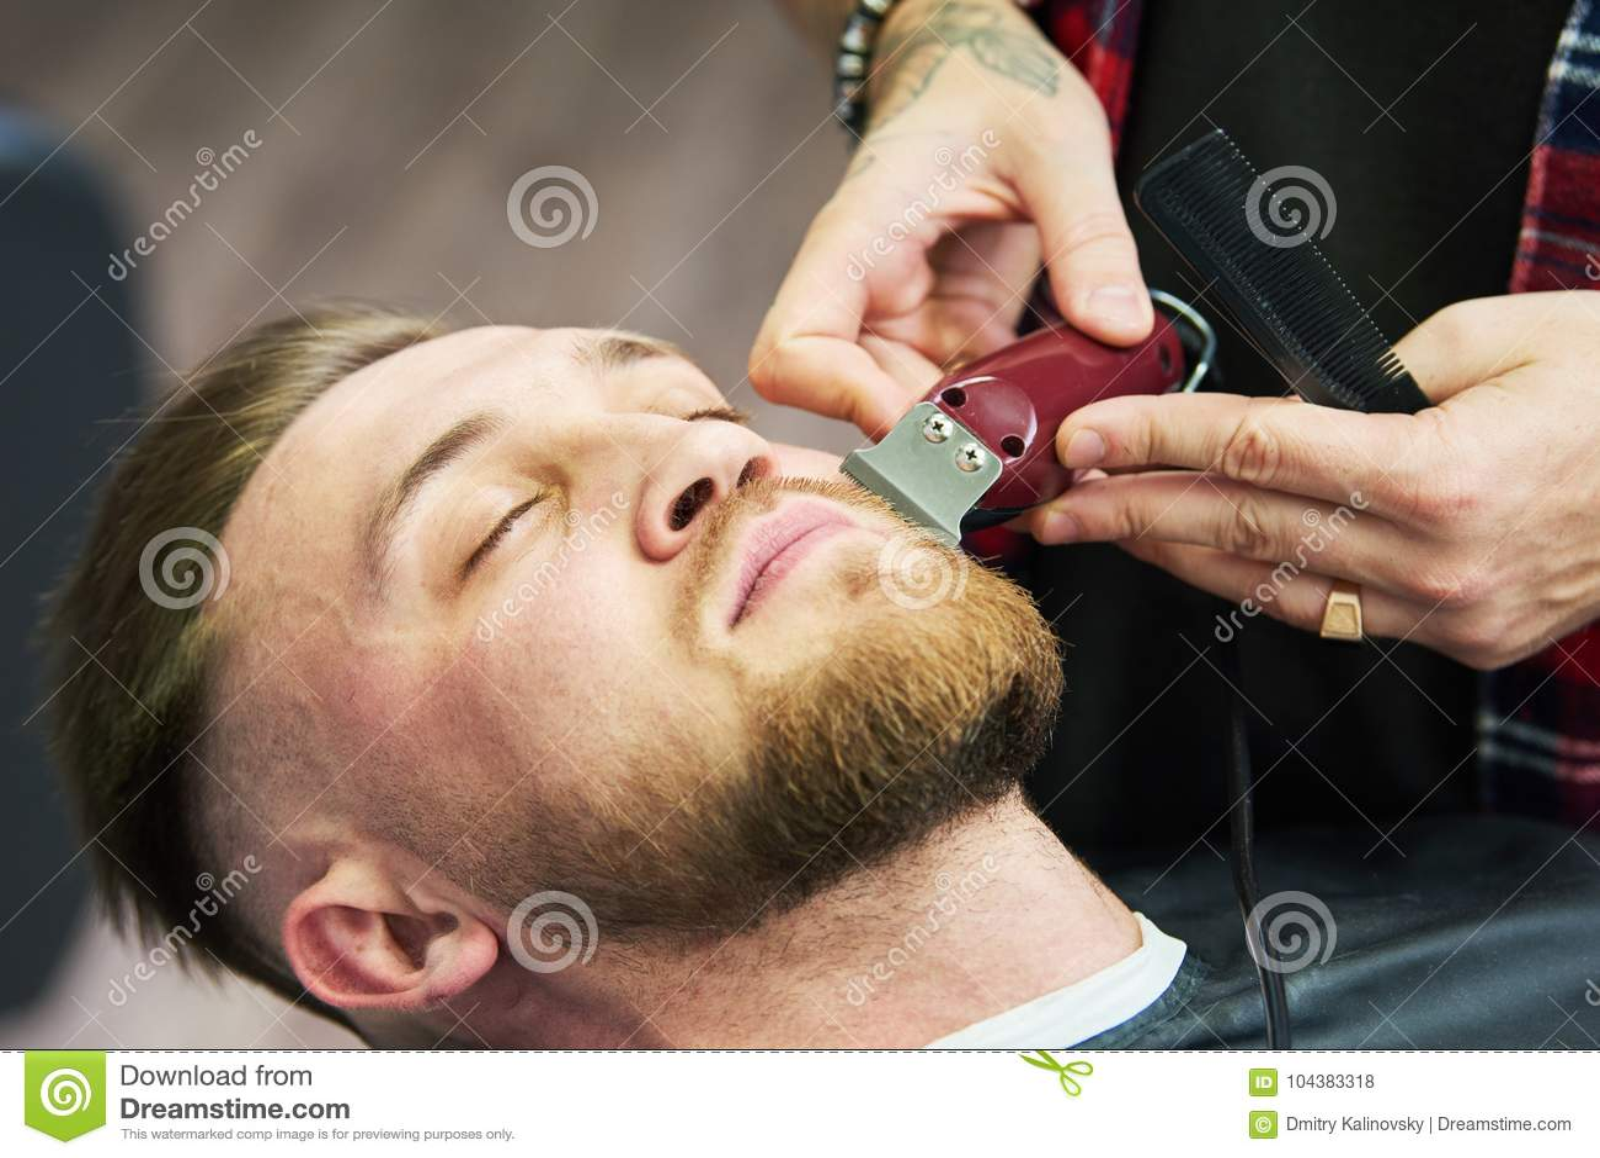 Cuidado de la barba hombre mientras que el recorte de su pelo facial cortó en la barbería